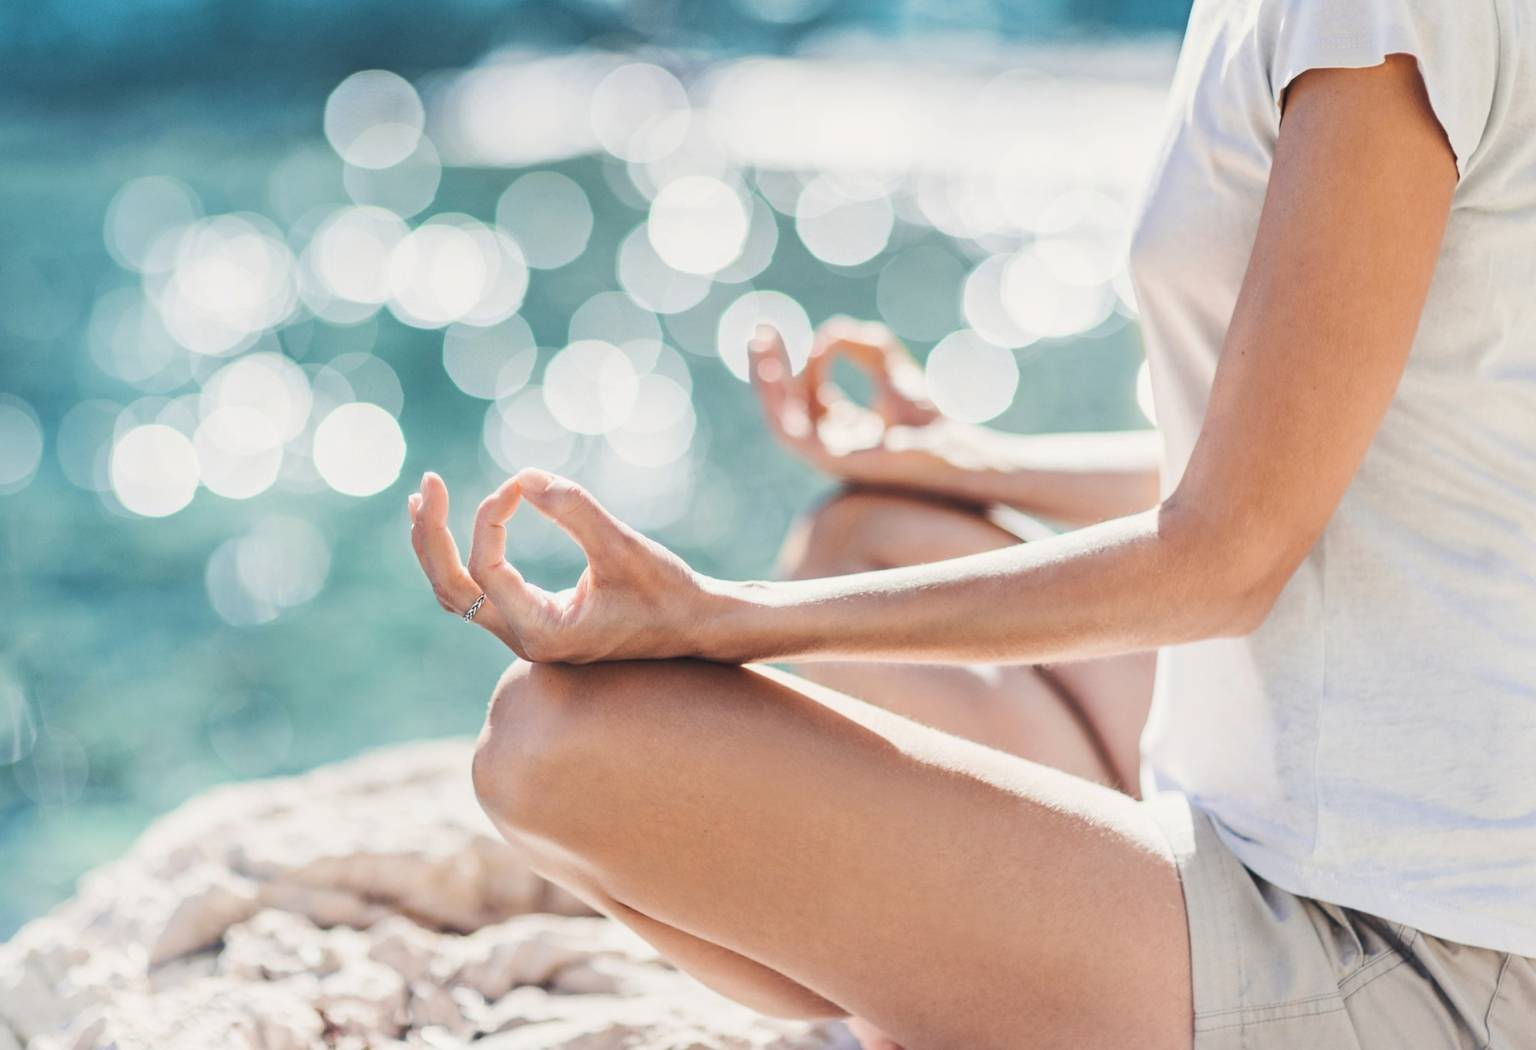 Medytacja nad oceanem. Mindfulness - praktyka uważności.